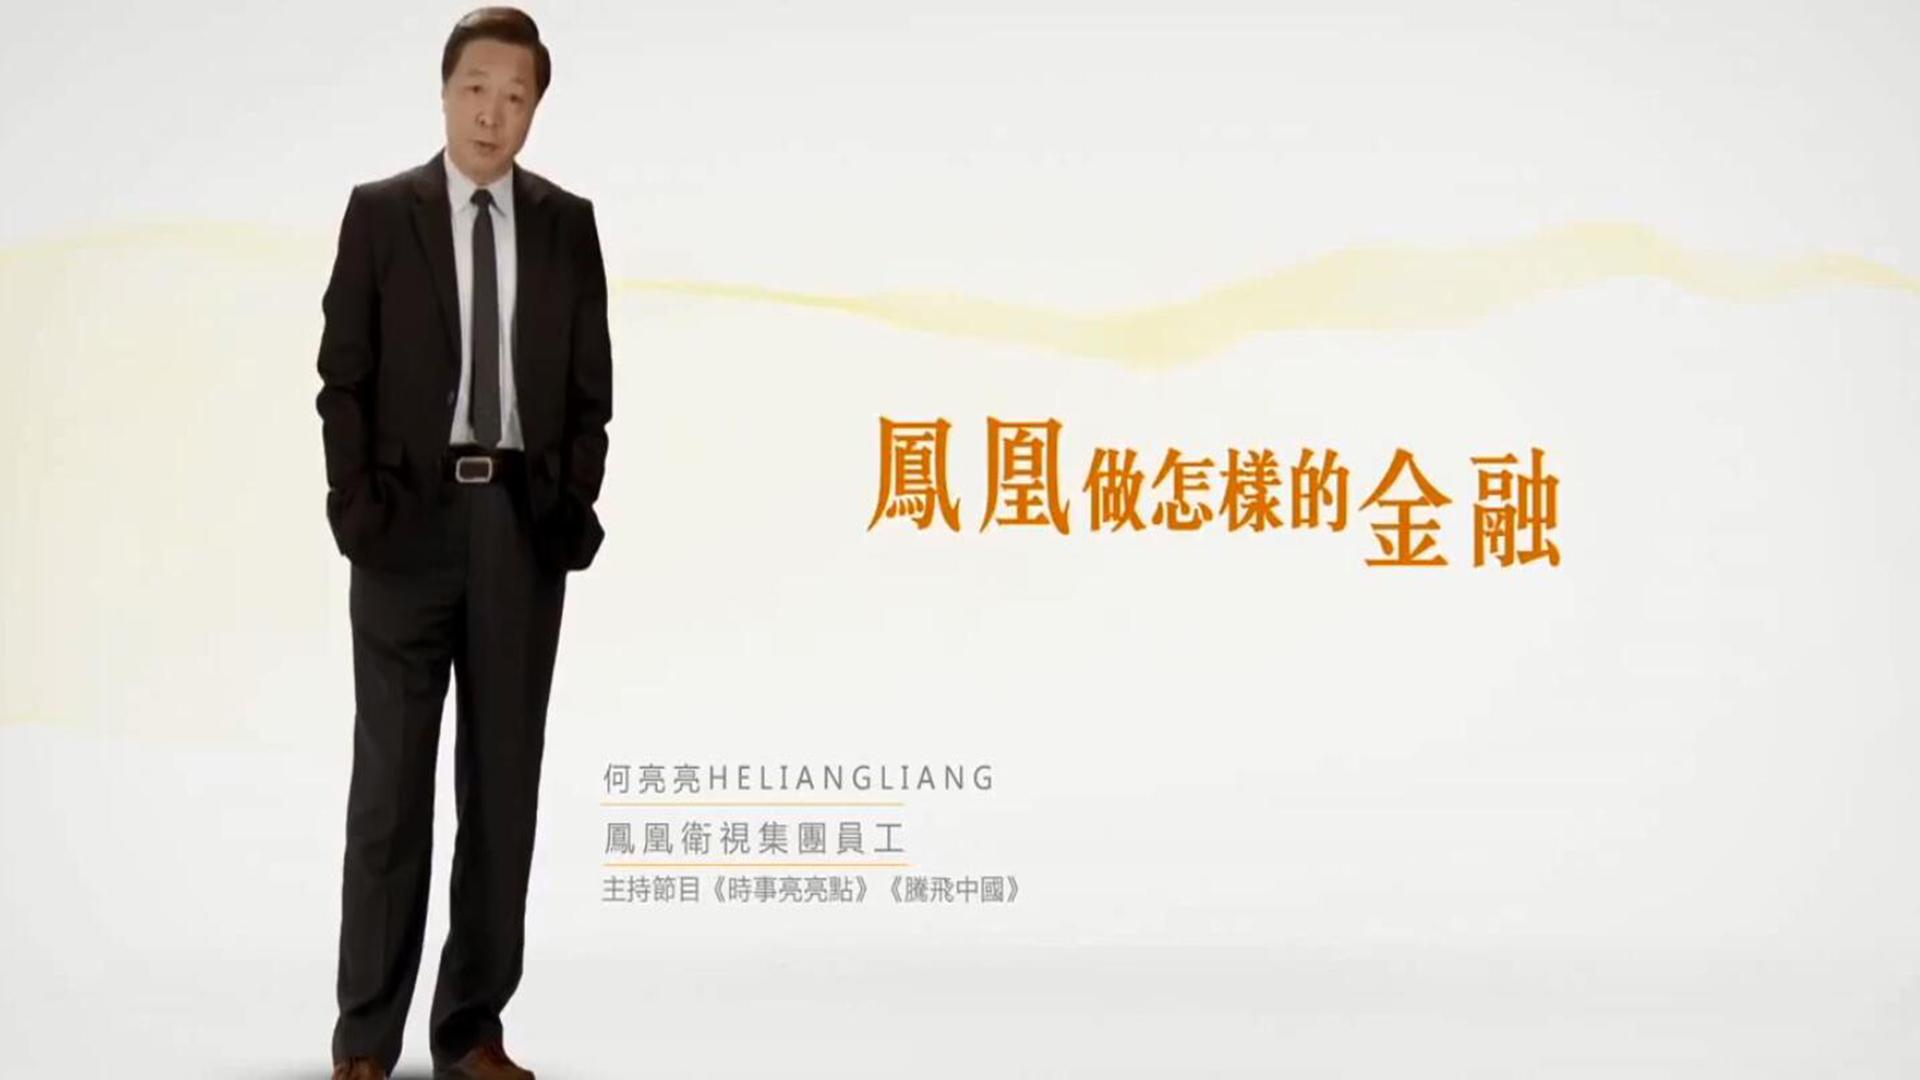 凤凰金融广告宣传片